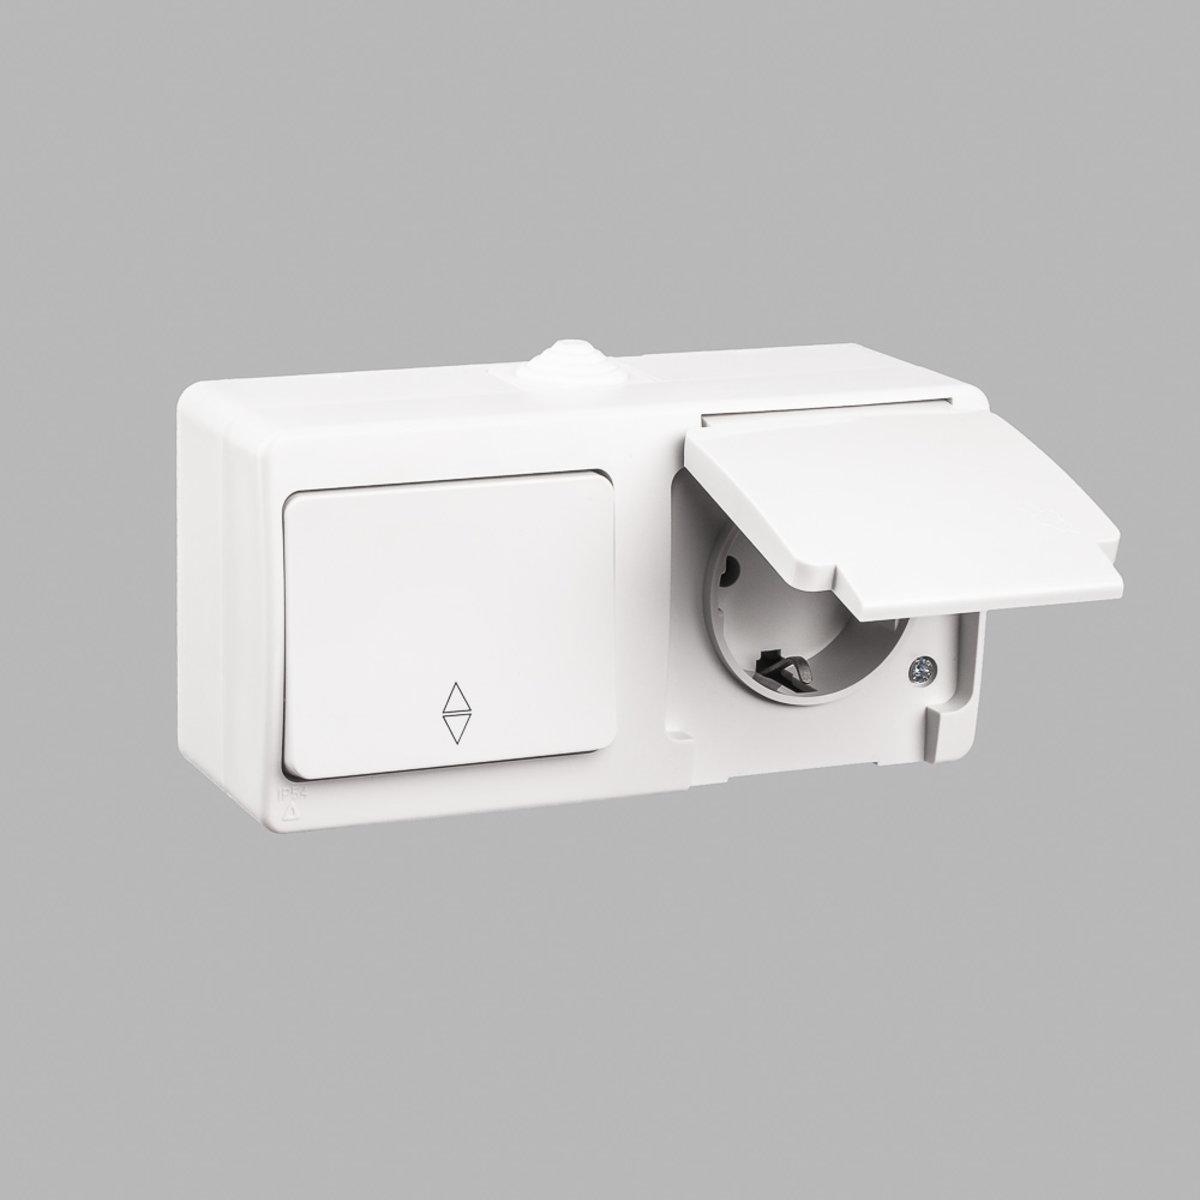 Nemli блок выключатель проходной 1-ый + розетка с заземлением влагозащищенный серый